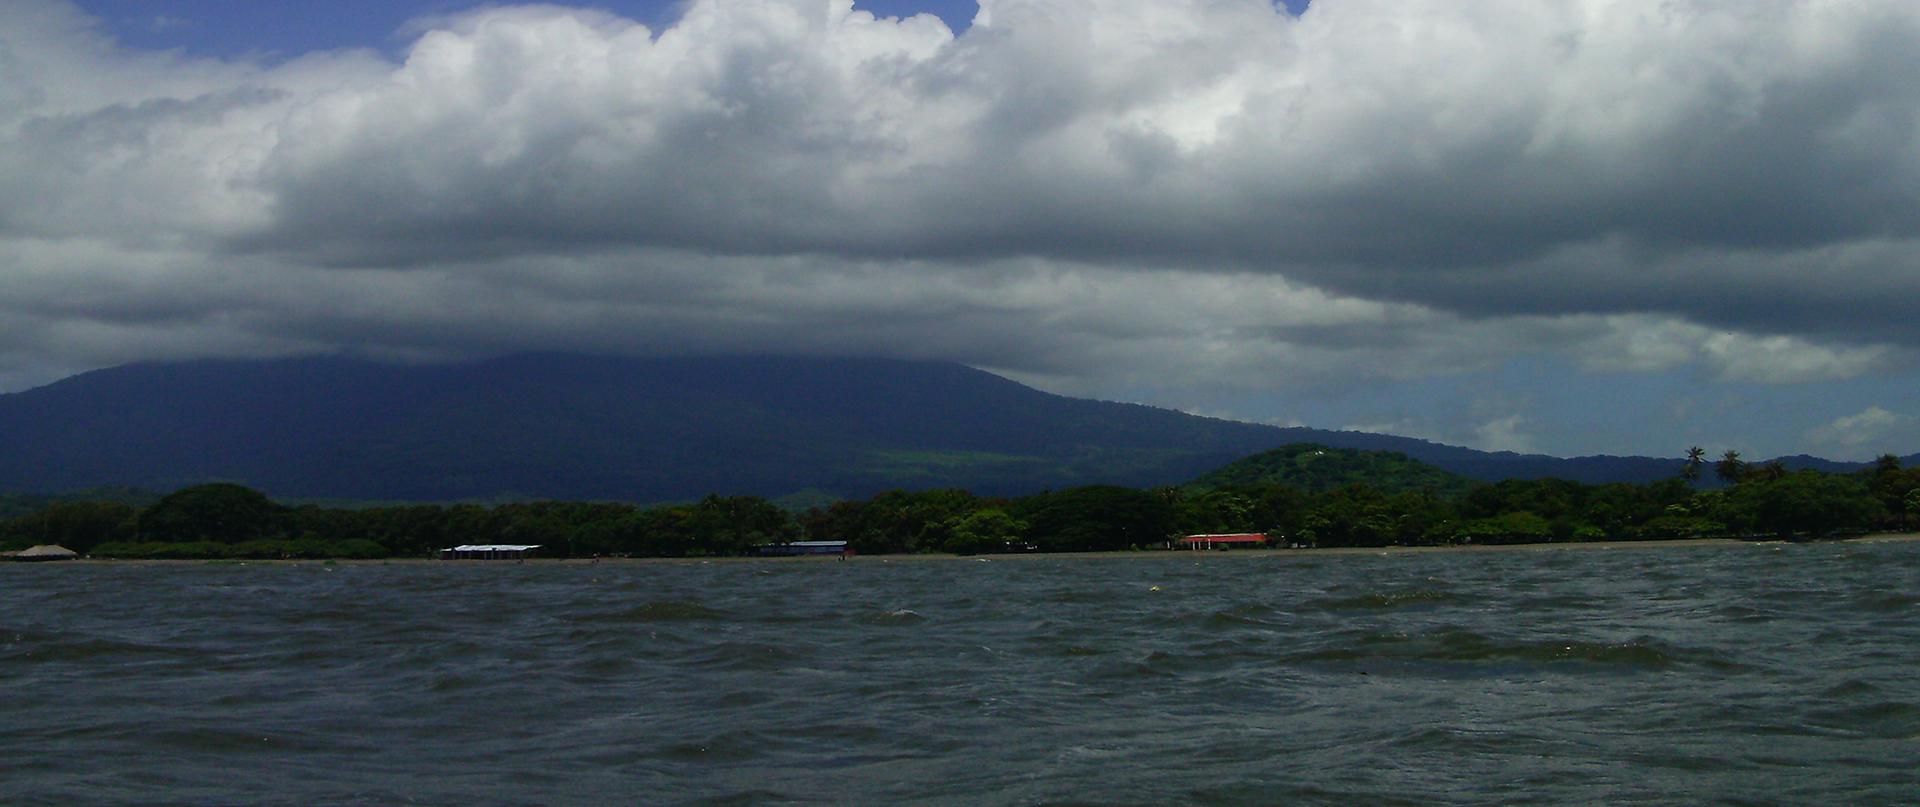 El_lago_Cocibolca_Nicaragua